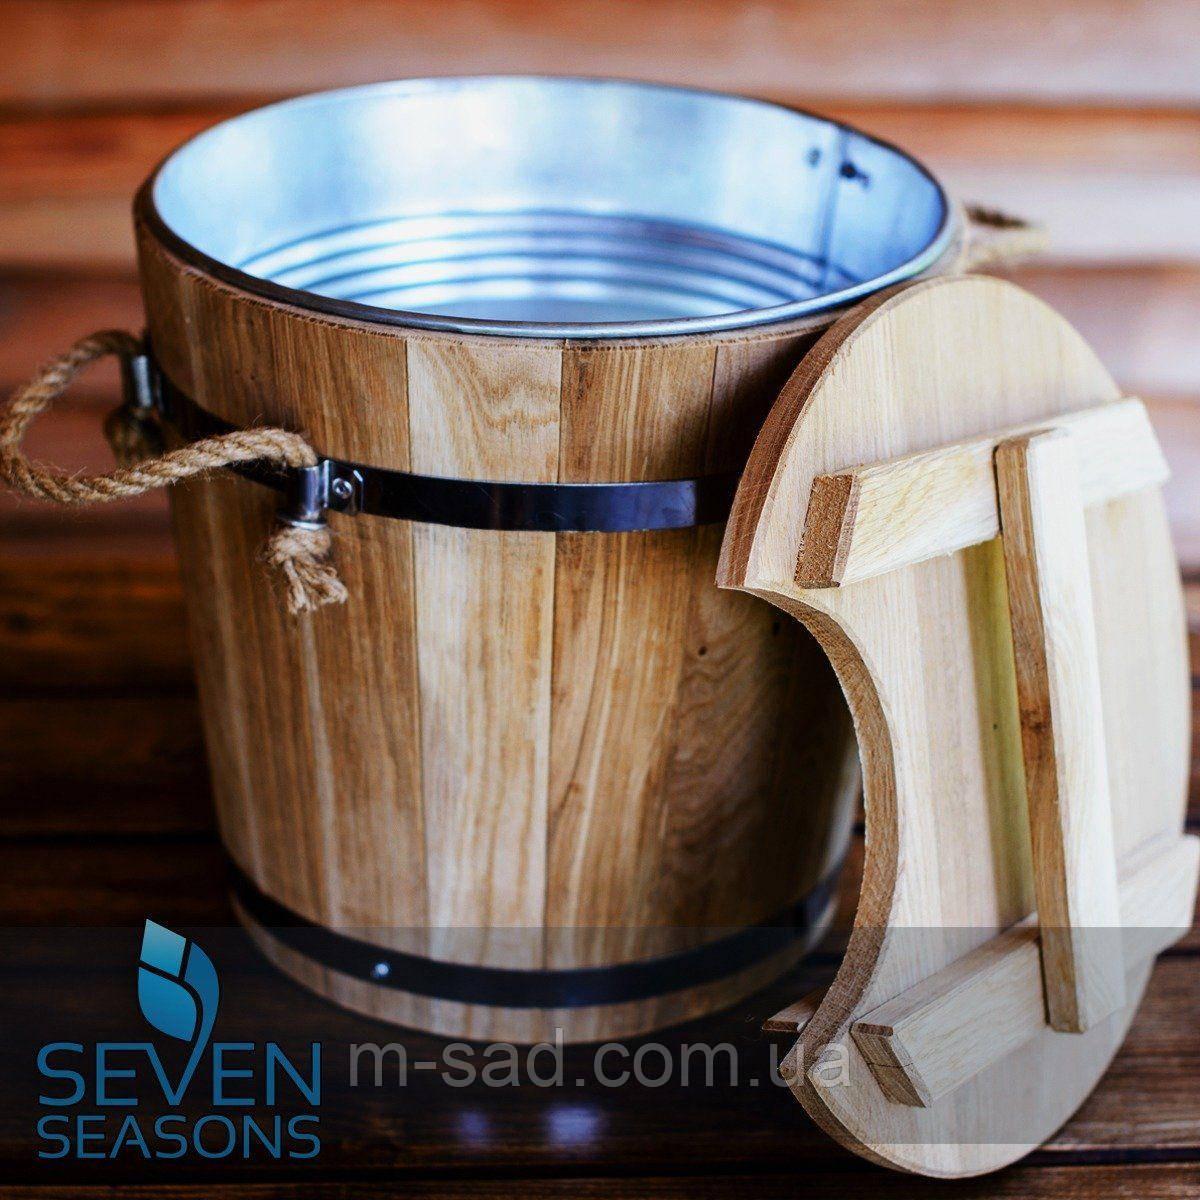 Запарник для веников Seven Seasons™ Expert с оцинкованной вставкой, 15 литров